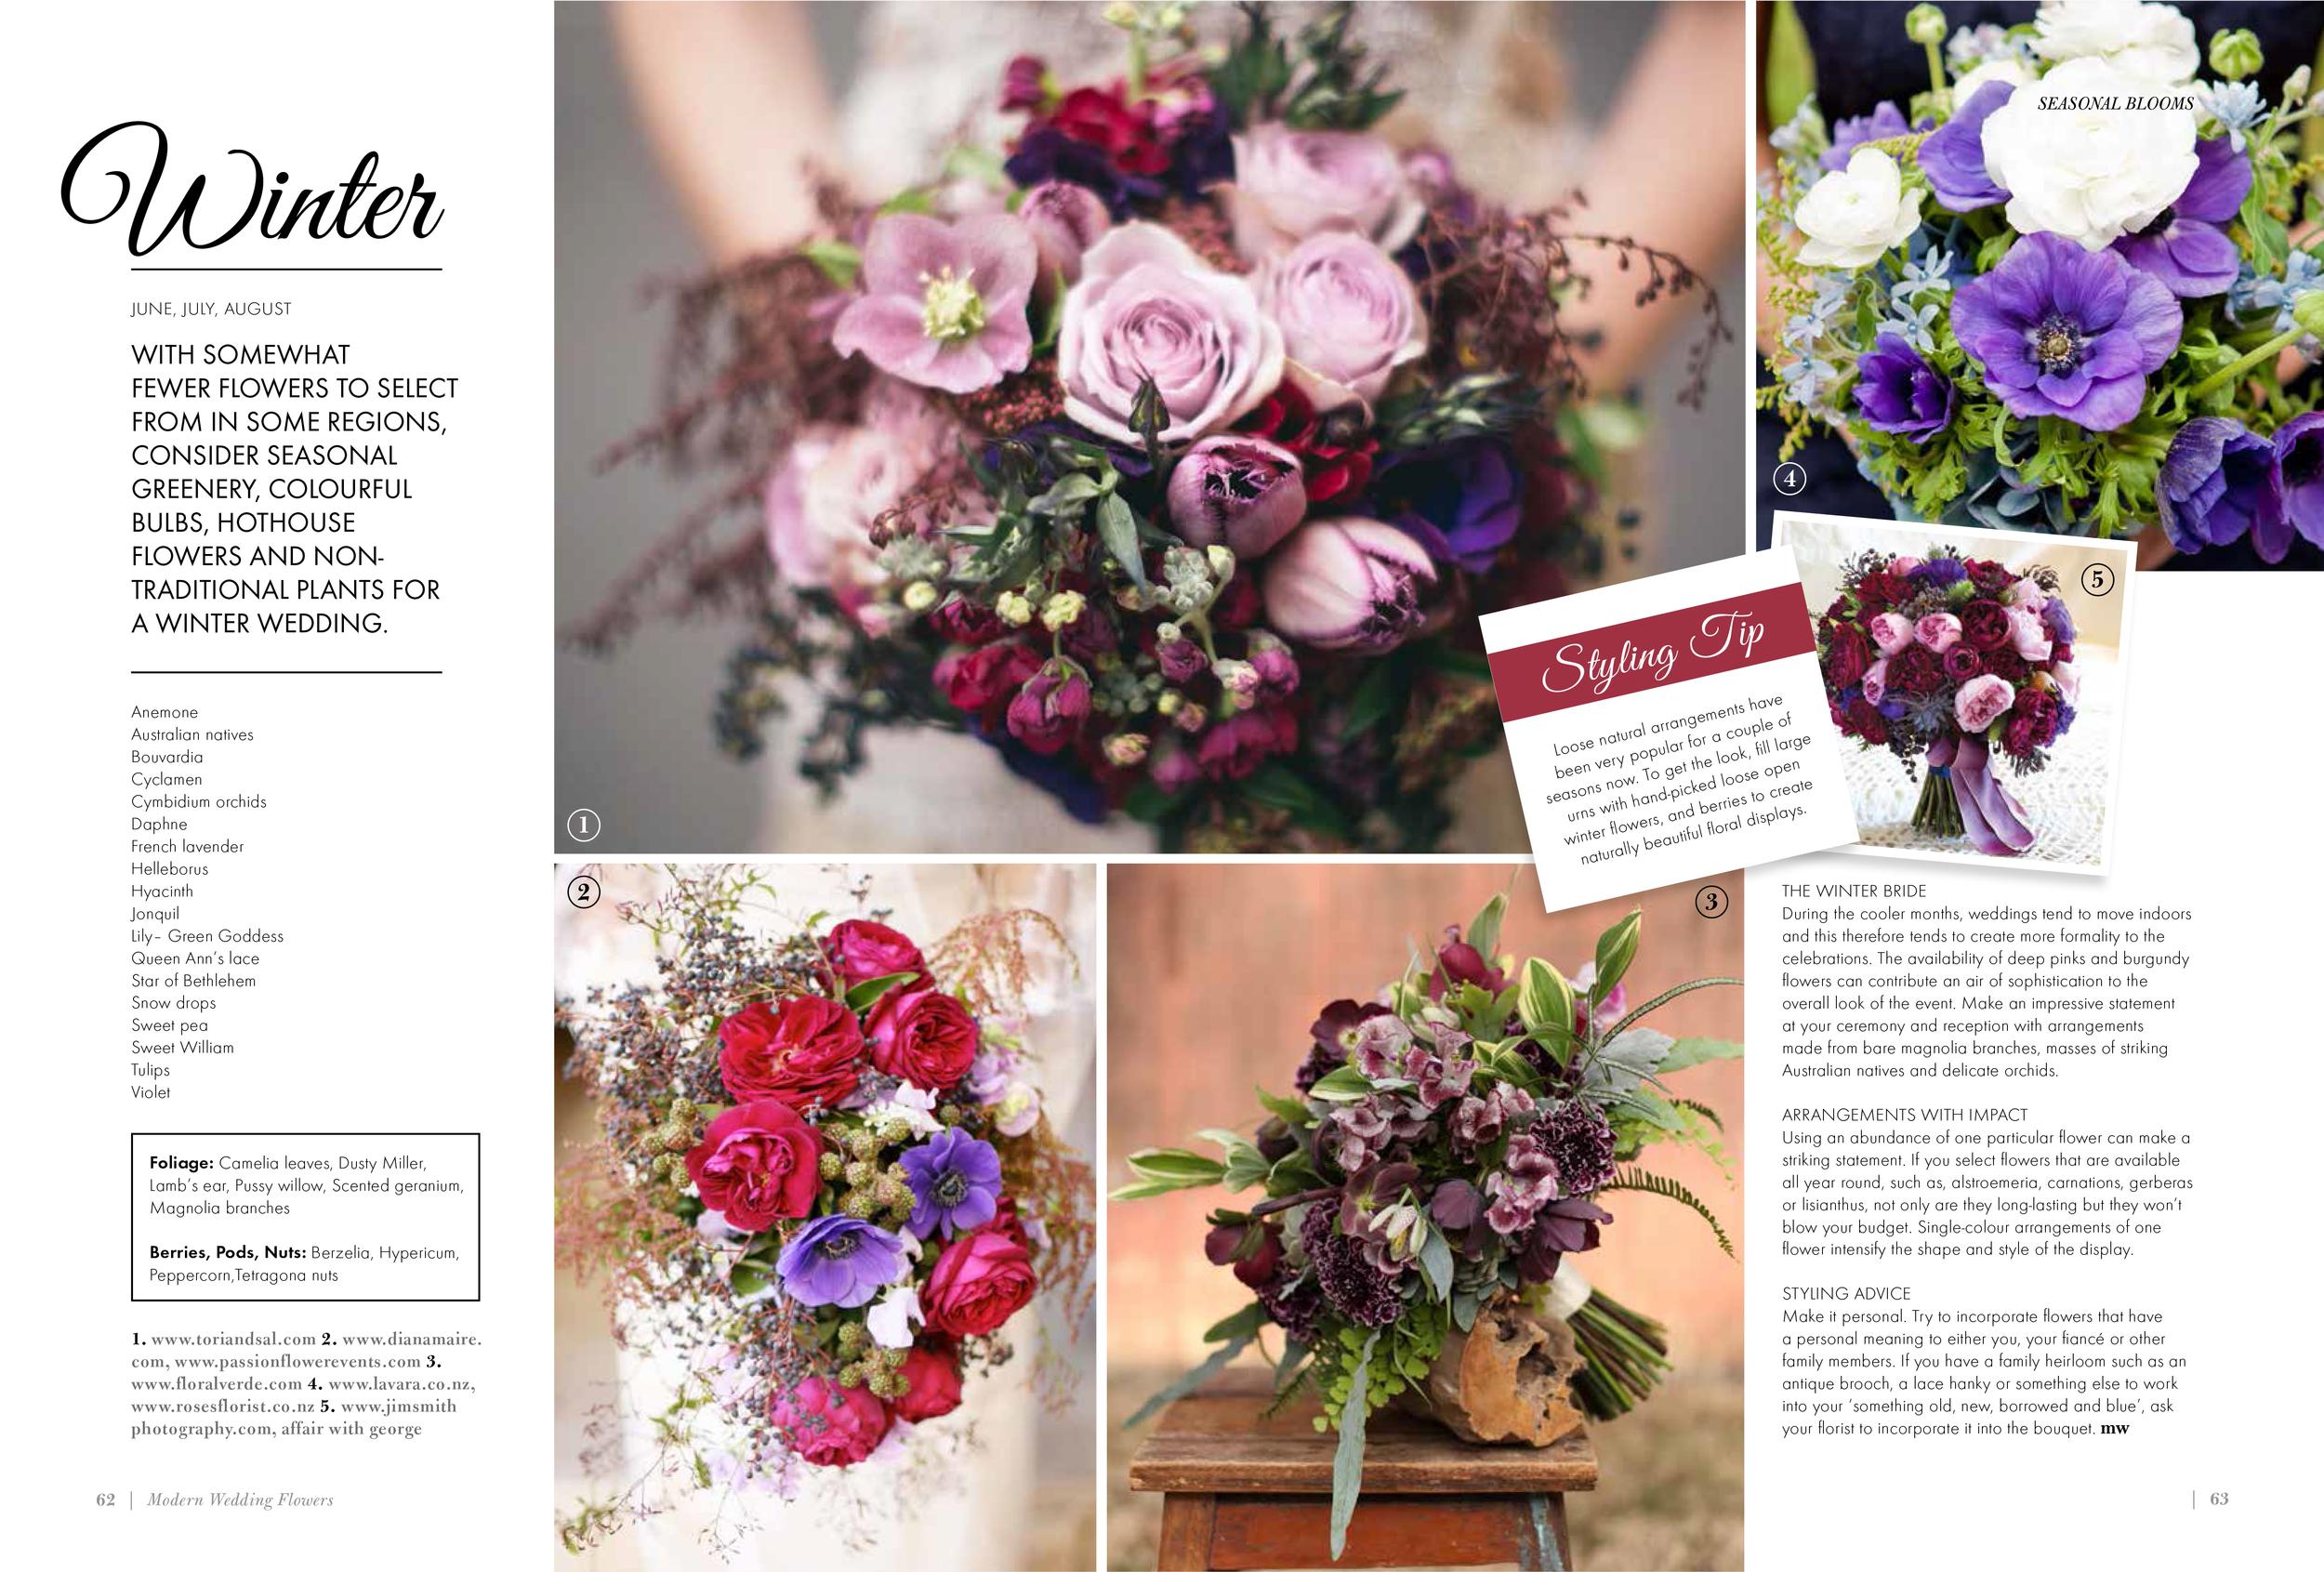 Modern Wedding Flowers Magazine , Volume 17 2014